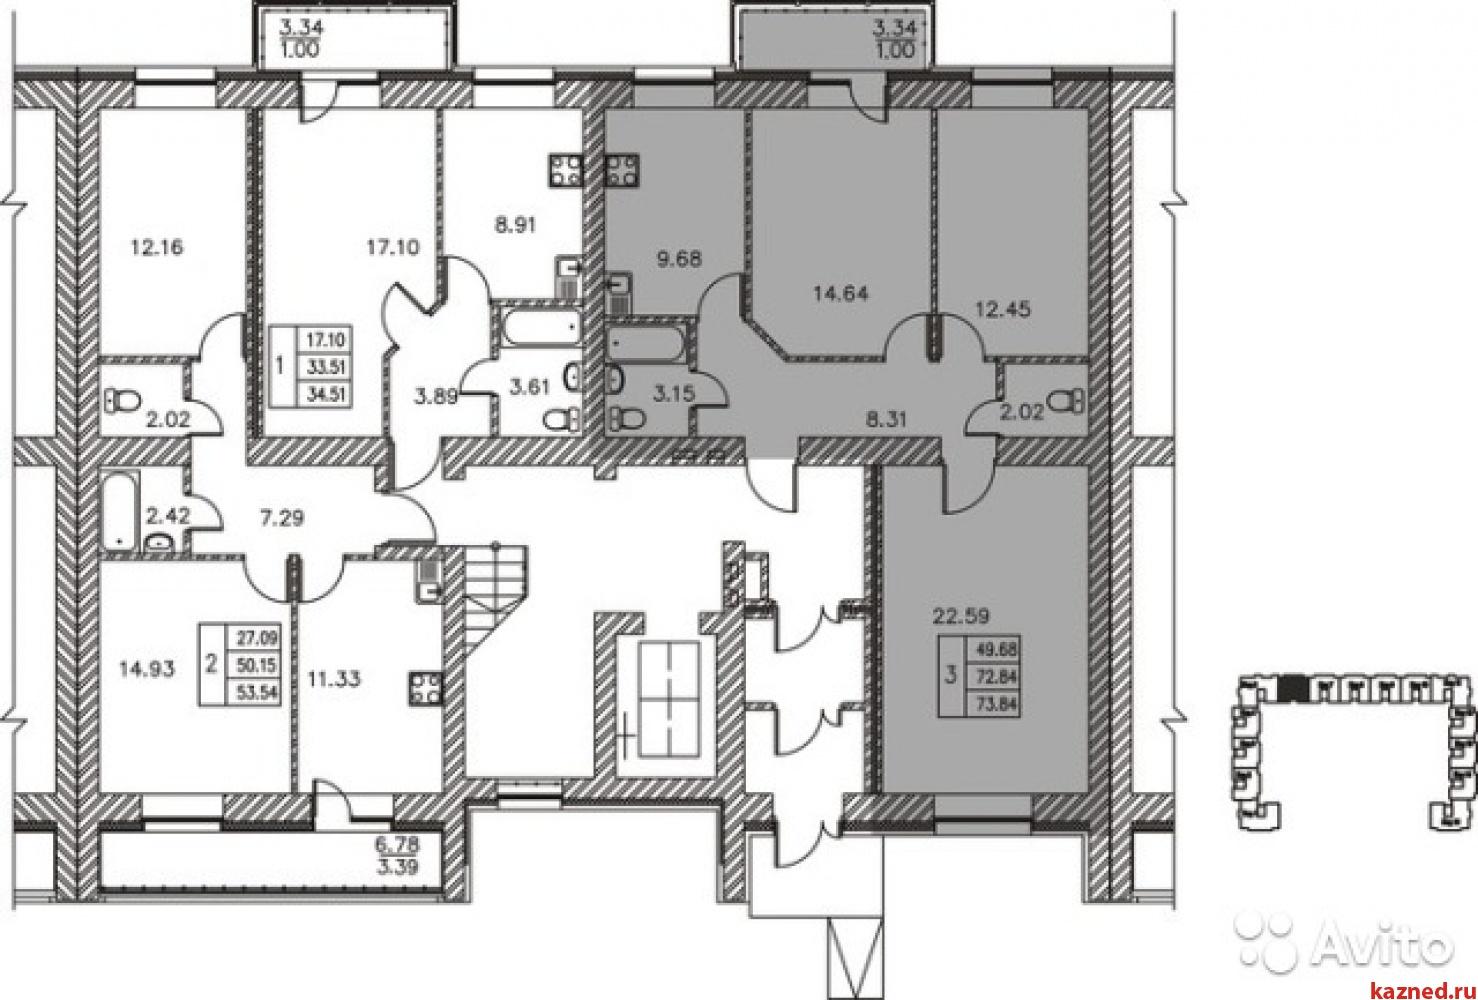 Продажа 3-к квартиры ЖК Весна,ул Мамадышский Тракт дом 2, 81 м² (миниатюра №1)